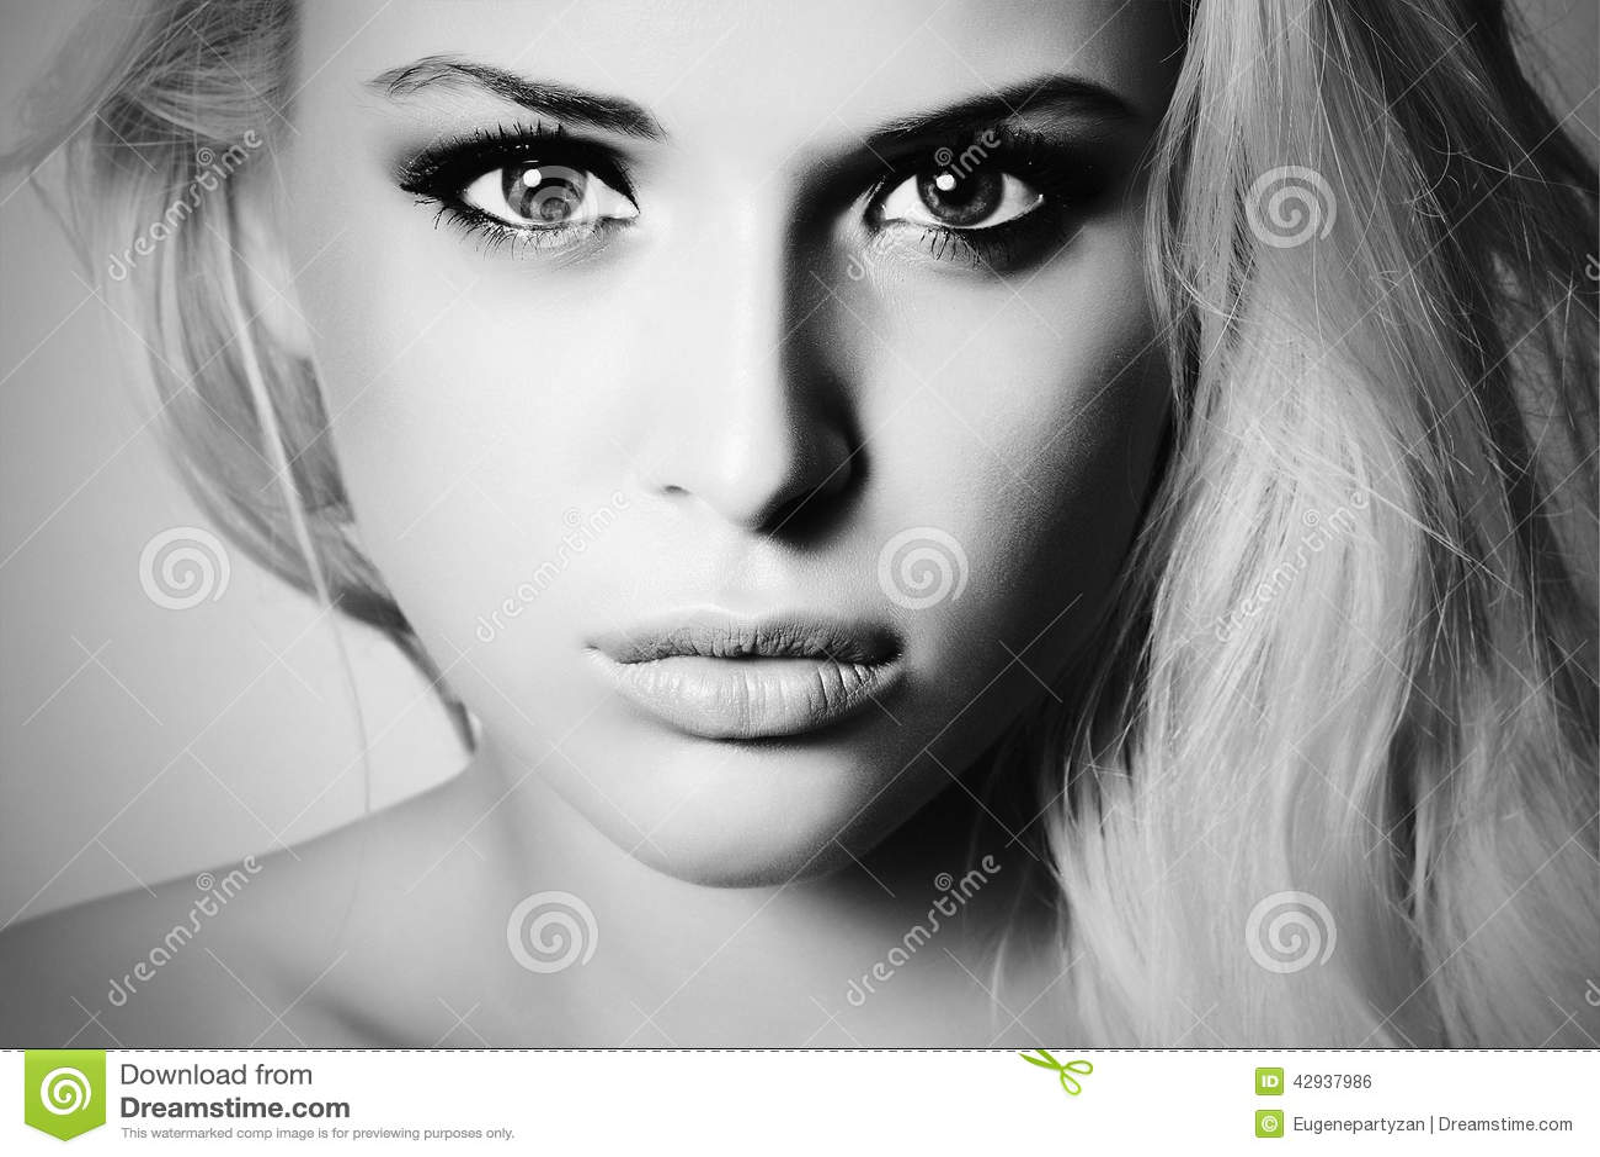 stockfoto schnes gesicht jungen frau blondes mdchen nahaufnahme jugend hautpflege konzept image